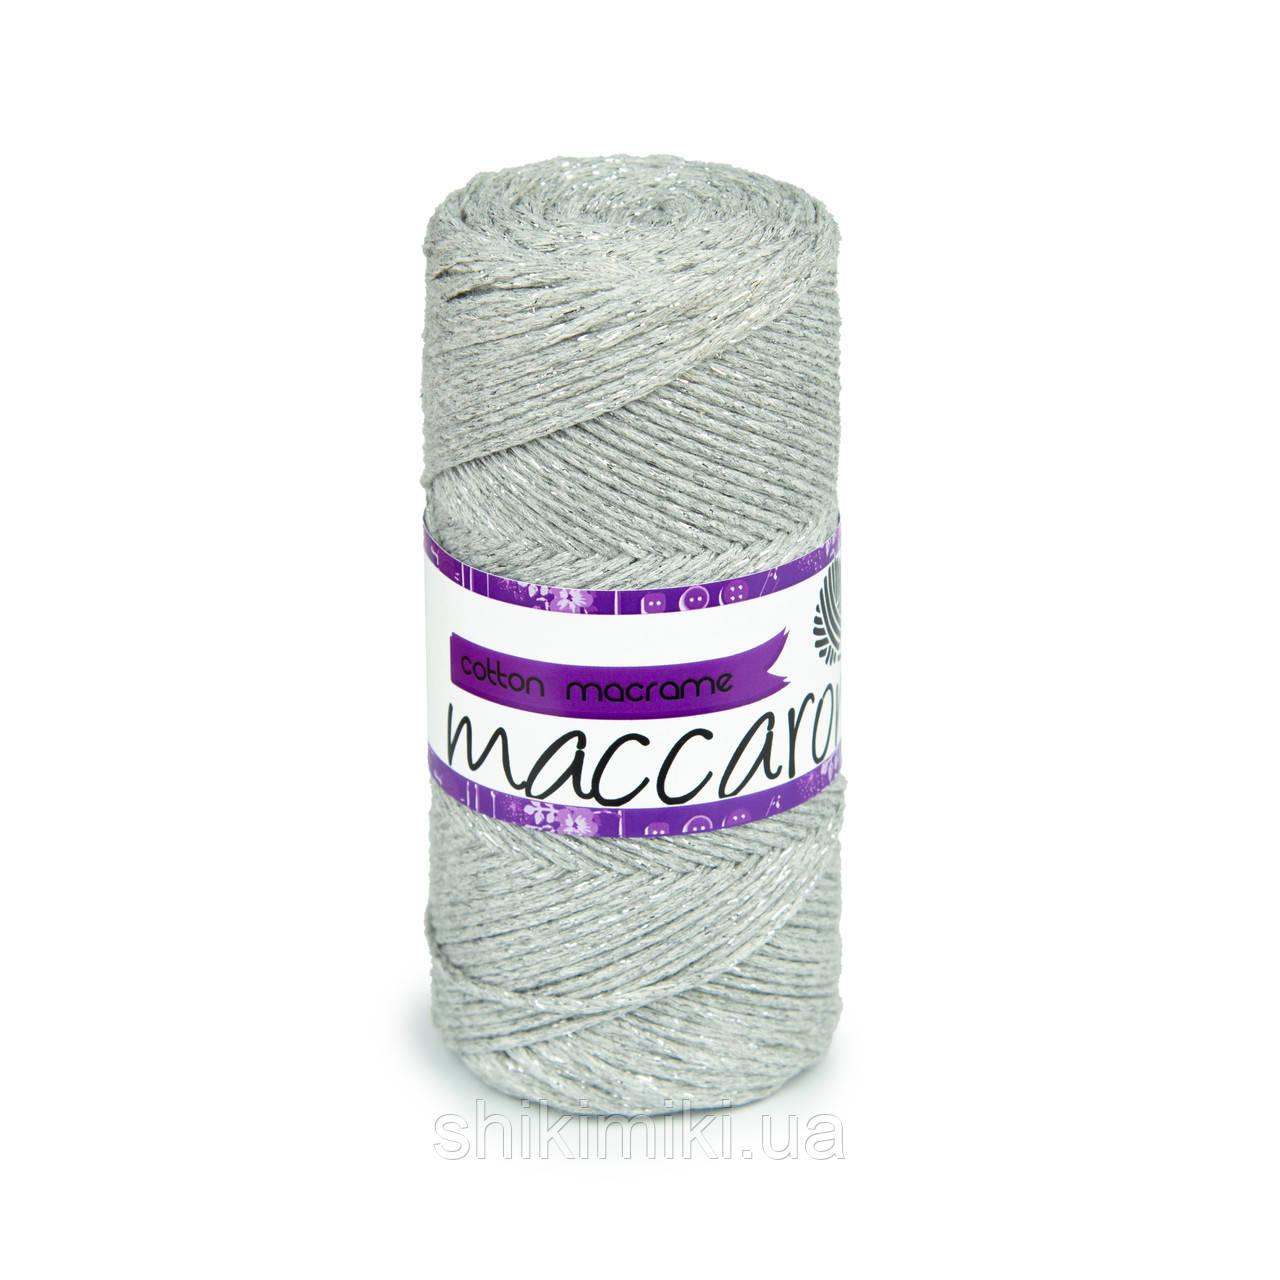 Cotton Macrame Maccaroni Star, цвет светло серый с серебряным глиттером